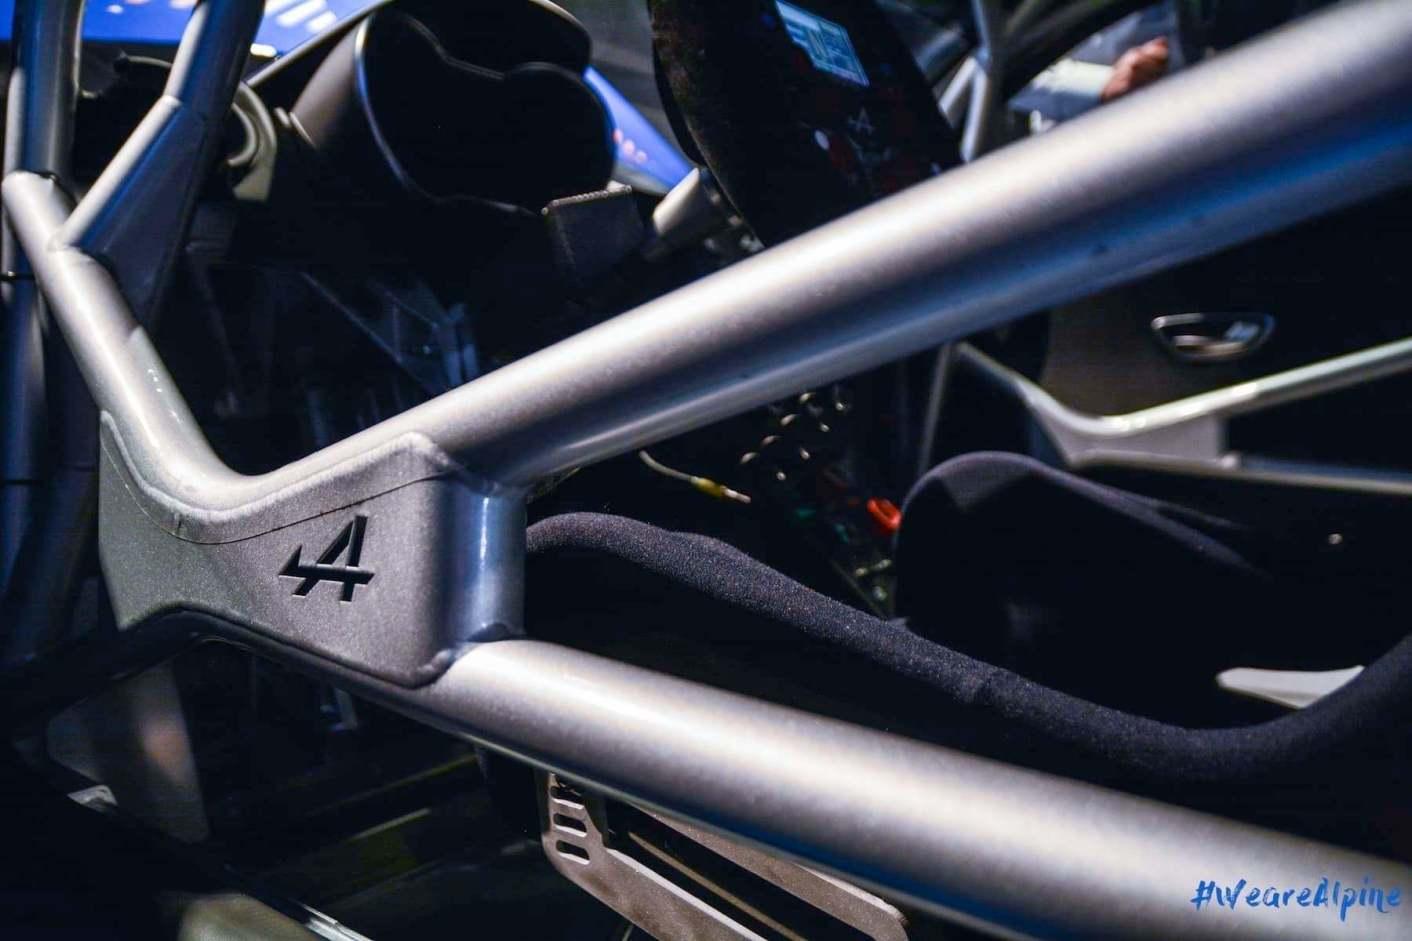 Alpine A110 Cup Signatech Studio Boulogne Billancourt GPE Auto 22 - L'Alpine A110 Cup en détail sous l'oeil de GPE Auto !